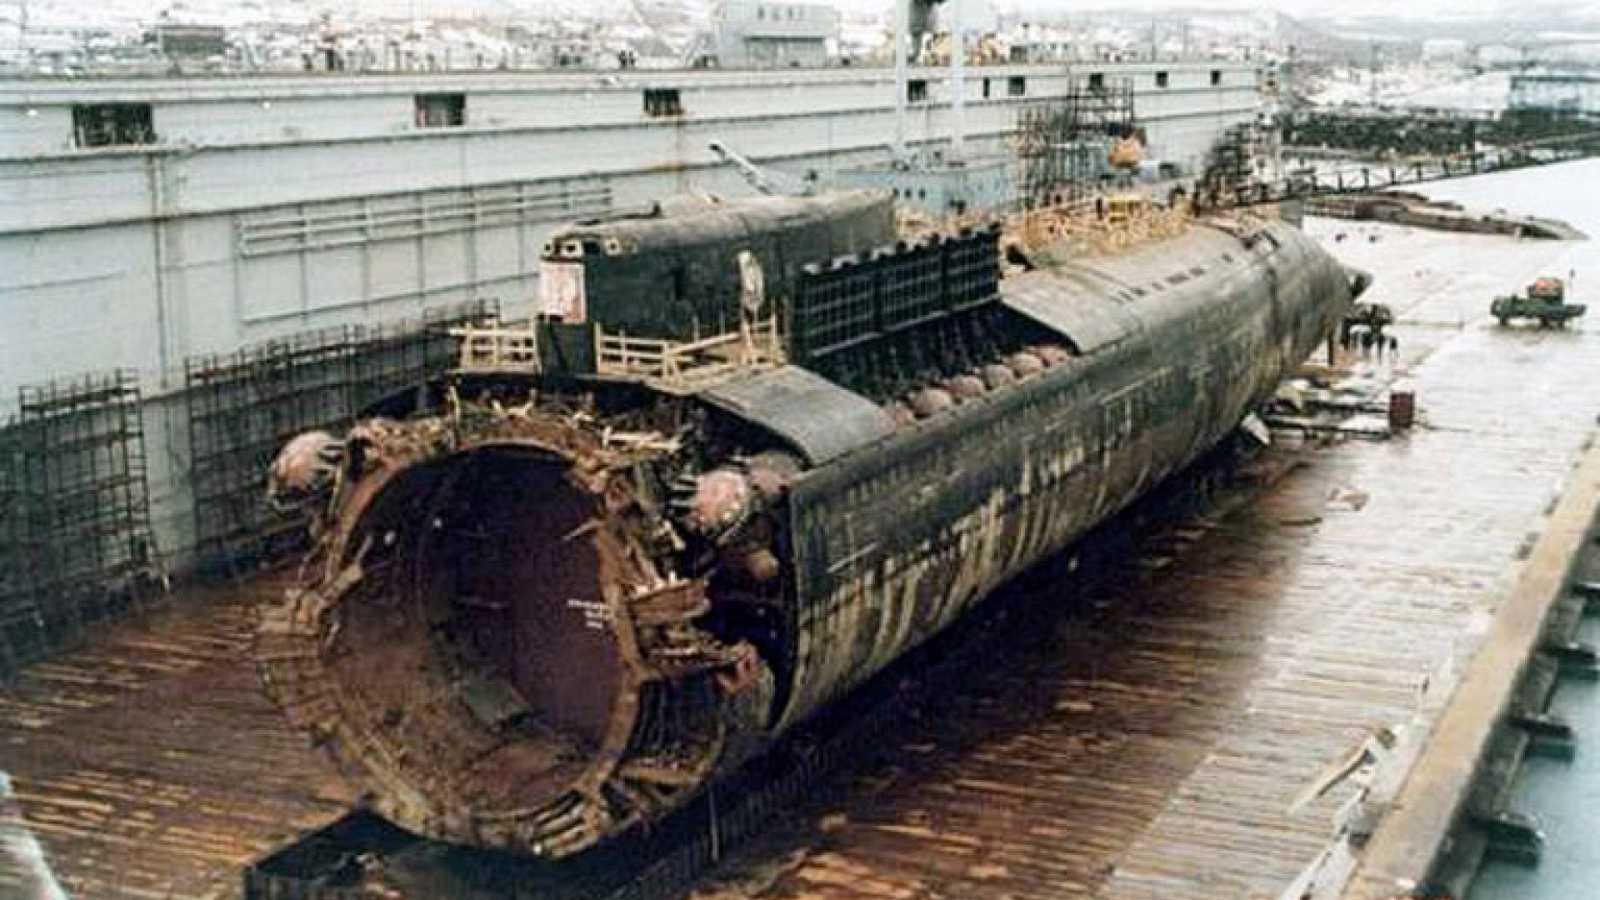 Reportajes 5 Continentes - 20 años del naufragio del Kursk - Escuchar ahora